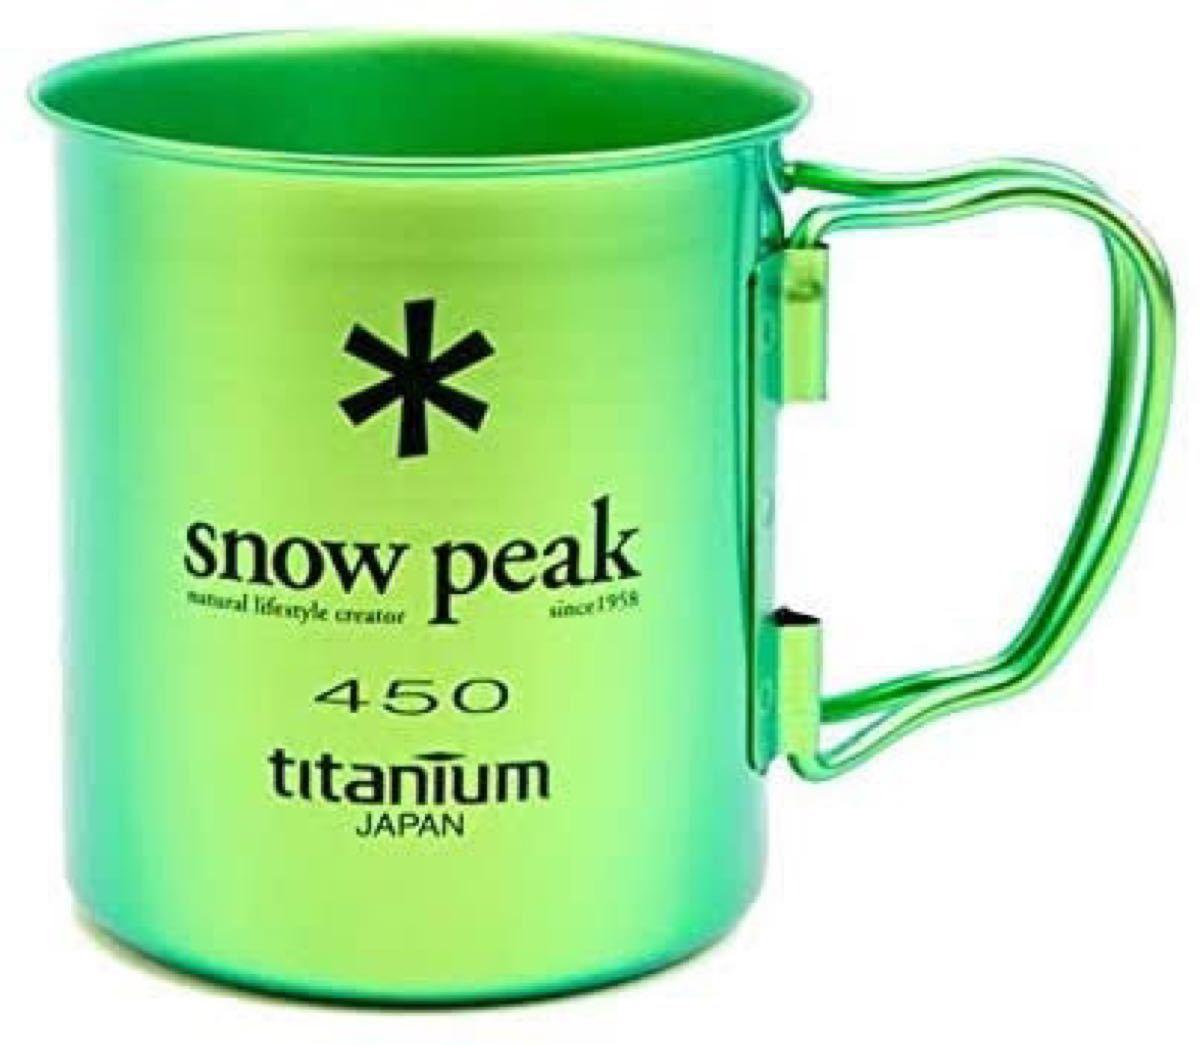 スノーピーク(snow peak) カラーチタンシングルマグ 450 (グリーン)